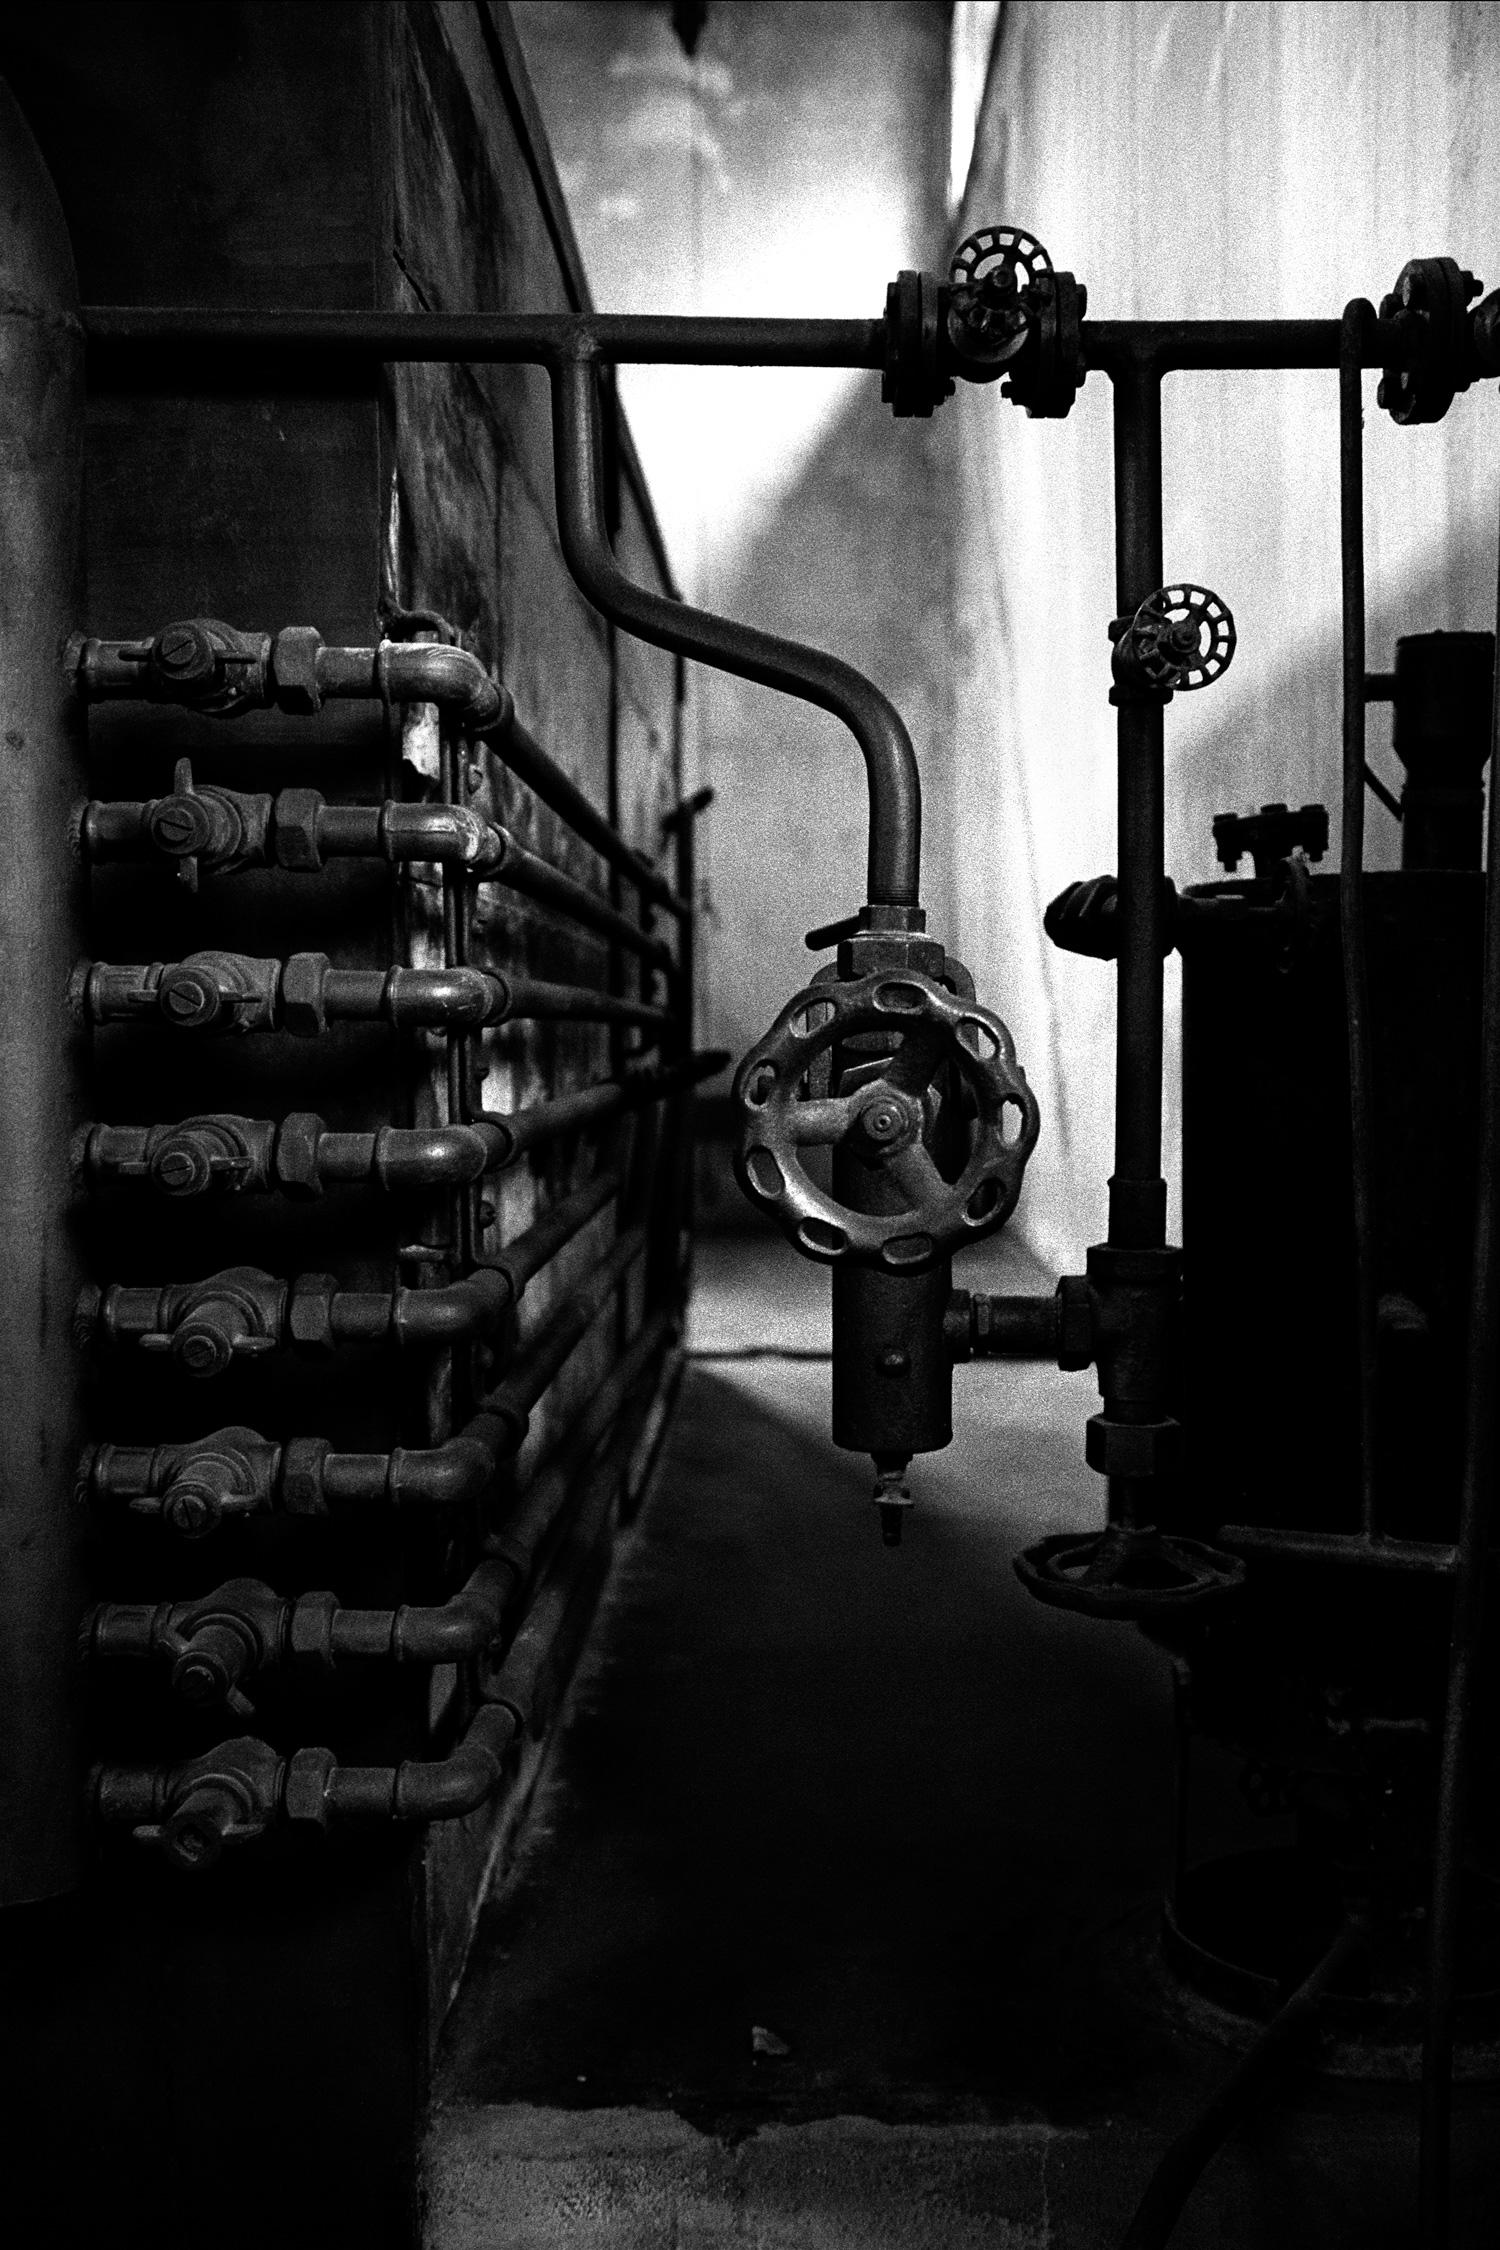 Gas Valves, Crematoria